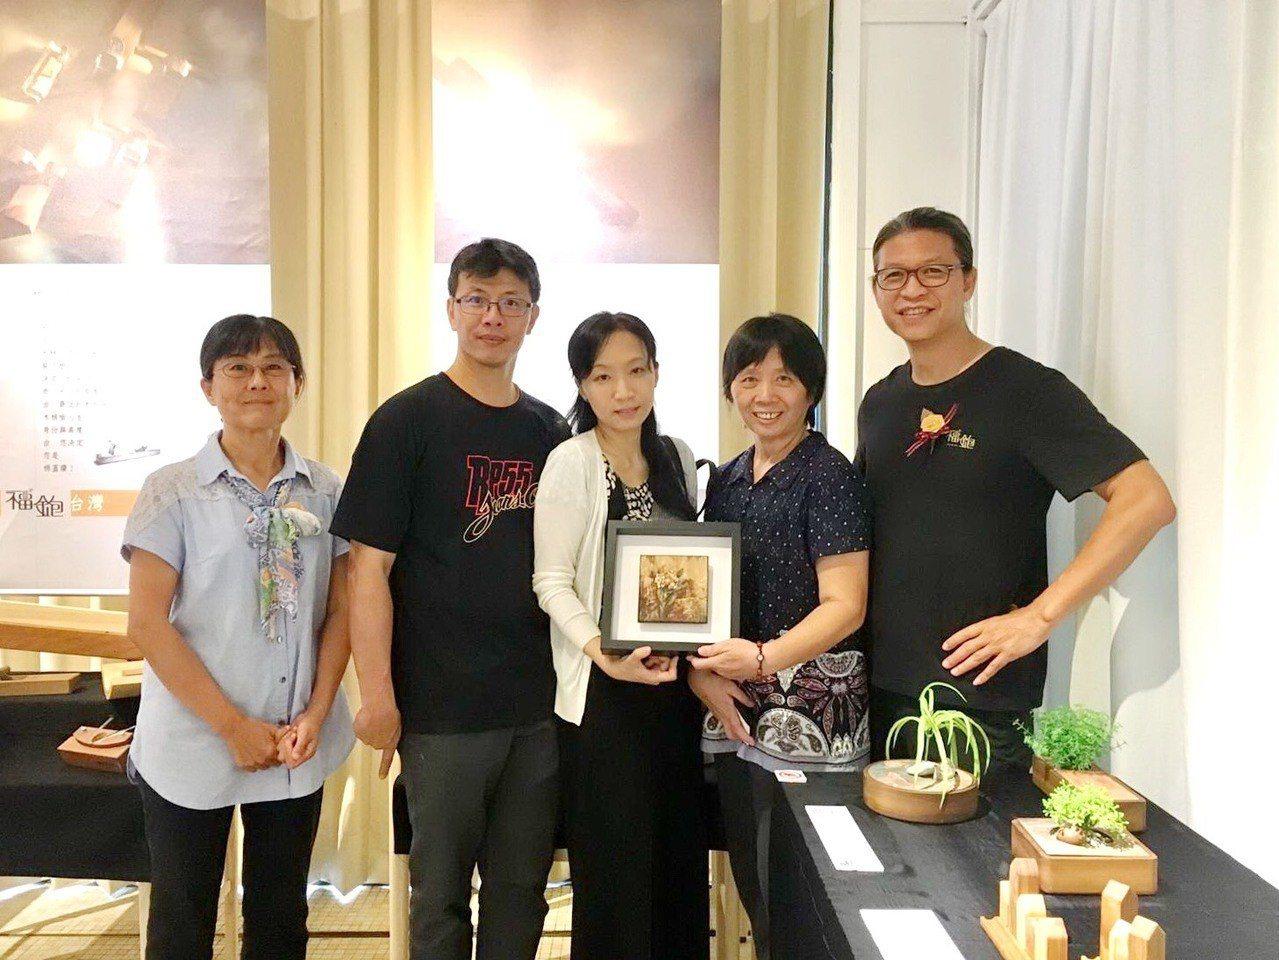 接任台東縣公東高工校長的黃淑英(右二)是靜宜英文系畢業,努力經營學校,要成為東部...